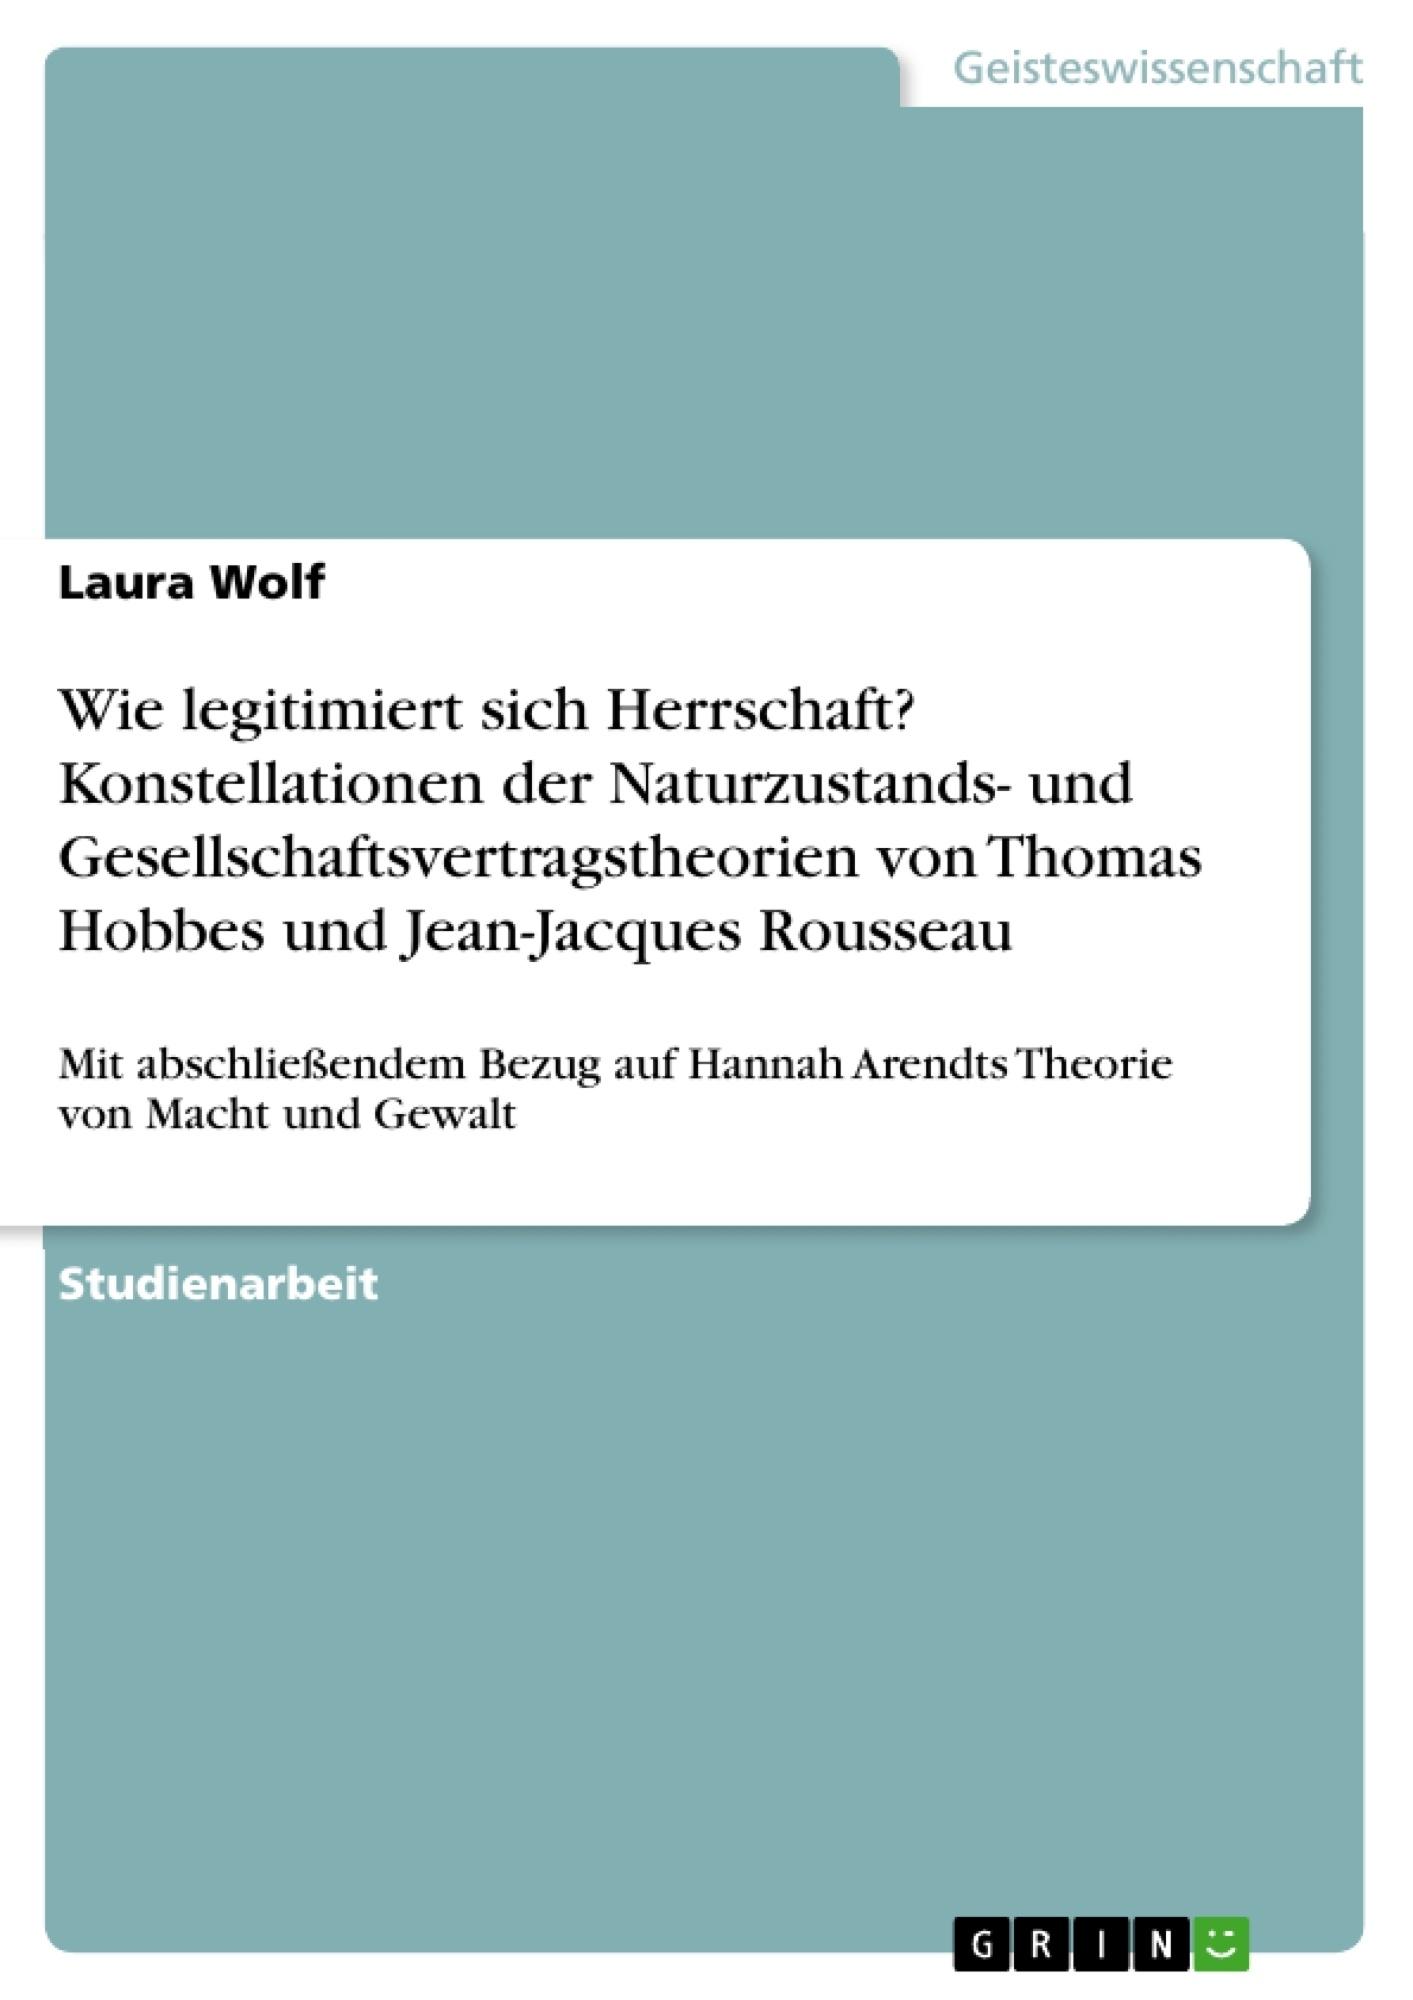 Titel: Wie legitimiert sich Herrschaft? Konstellationen der Naturzustands- und Gesellschaftsvertragstheorien von Thomas Hobbes und Jean-Jacques Rousseau